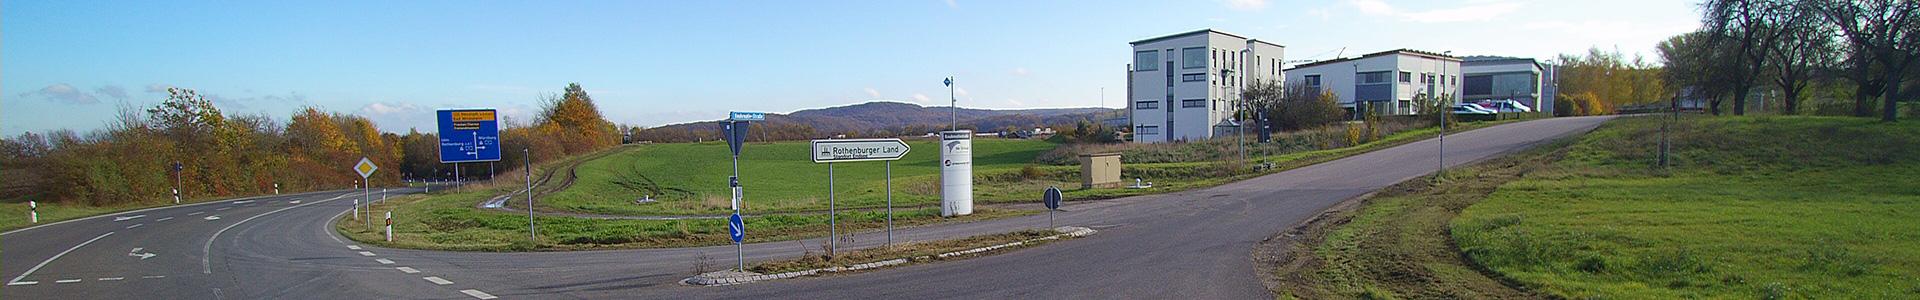 Die Einfahrt zum Gewerbepark Rothenburg ob der Tauber und Umland im Panorama